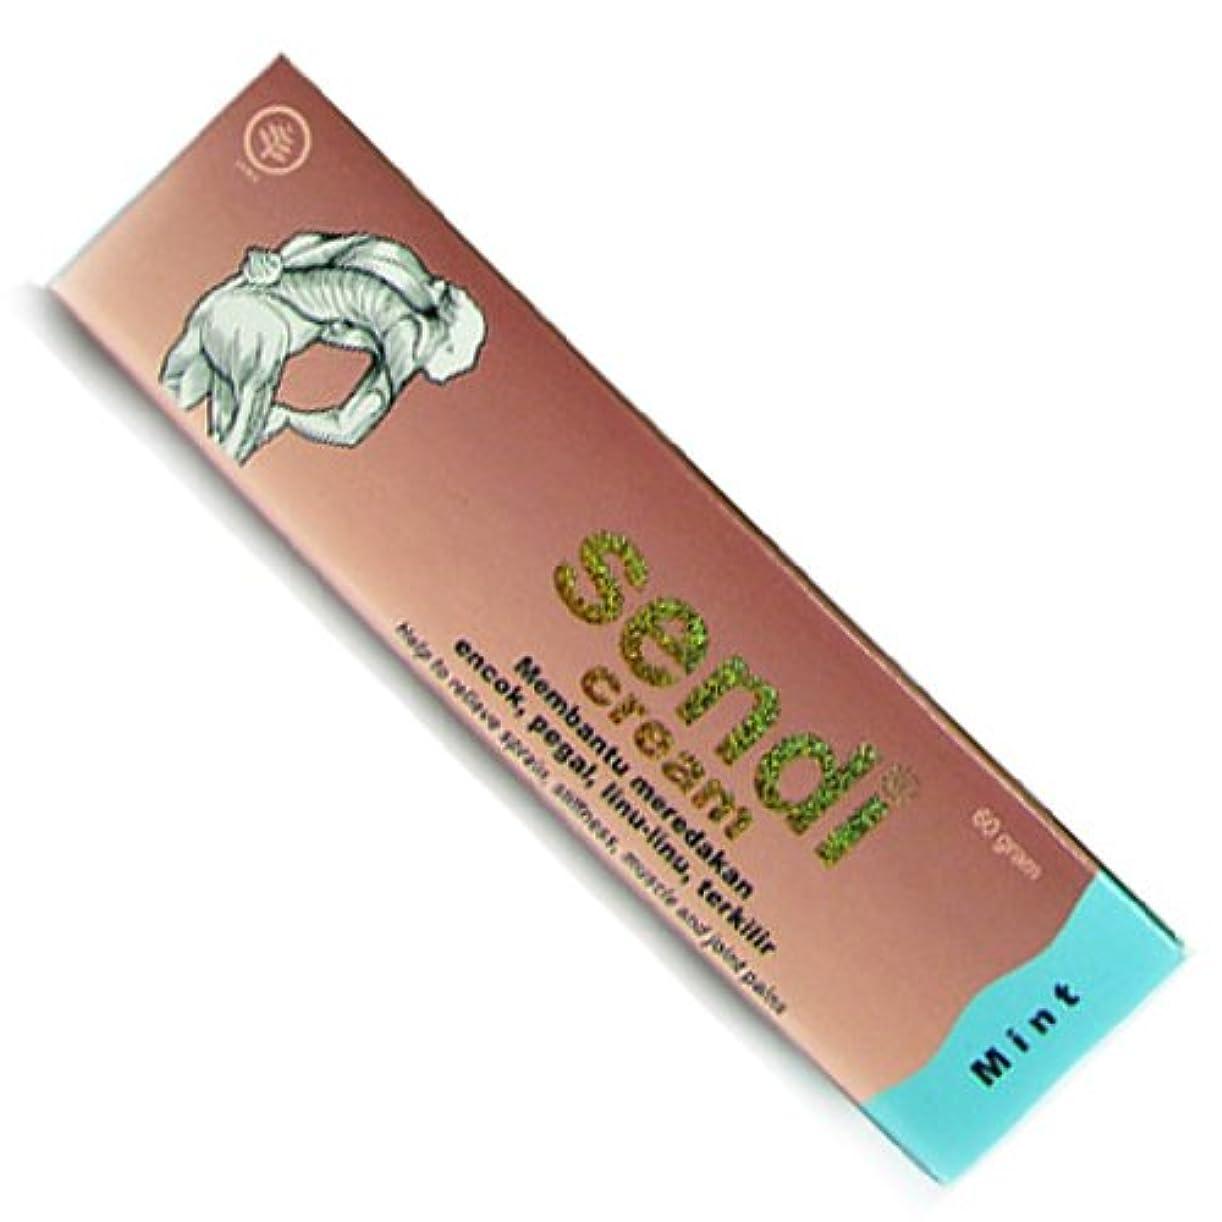 セマフォセンチメンタル地中海Sendi Cream スンディクリーム60g[並行輸入品][海外直送品]ミント